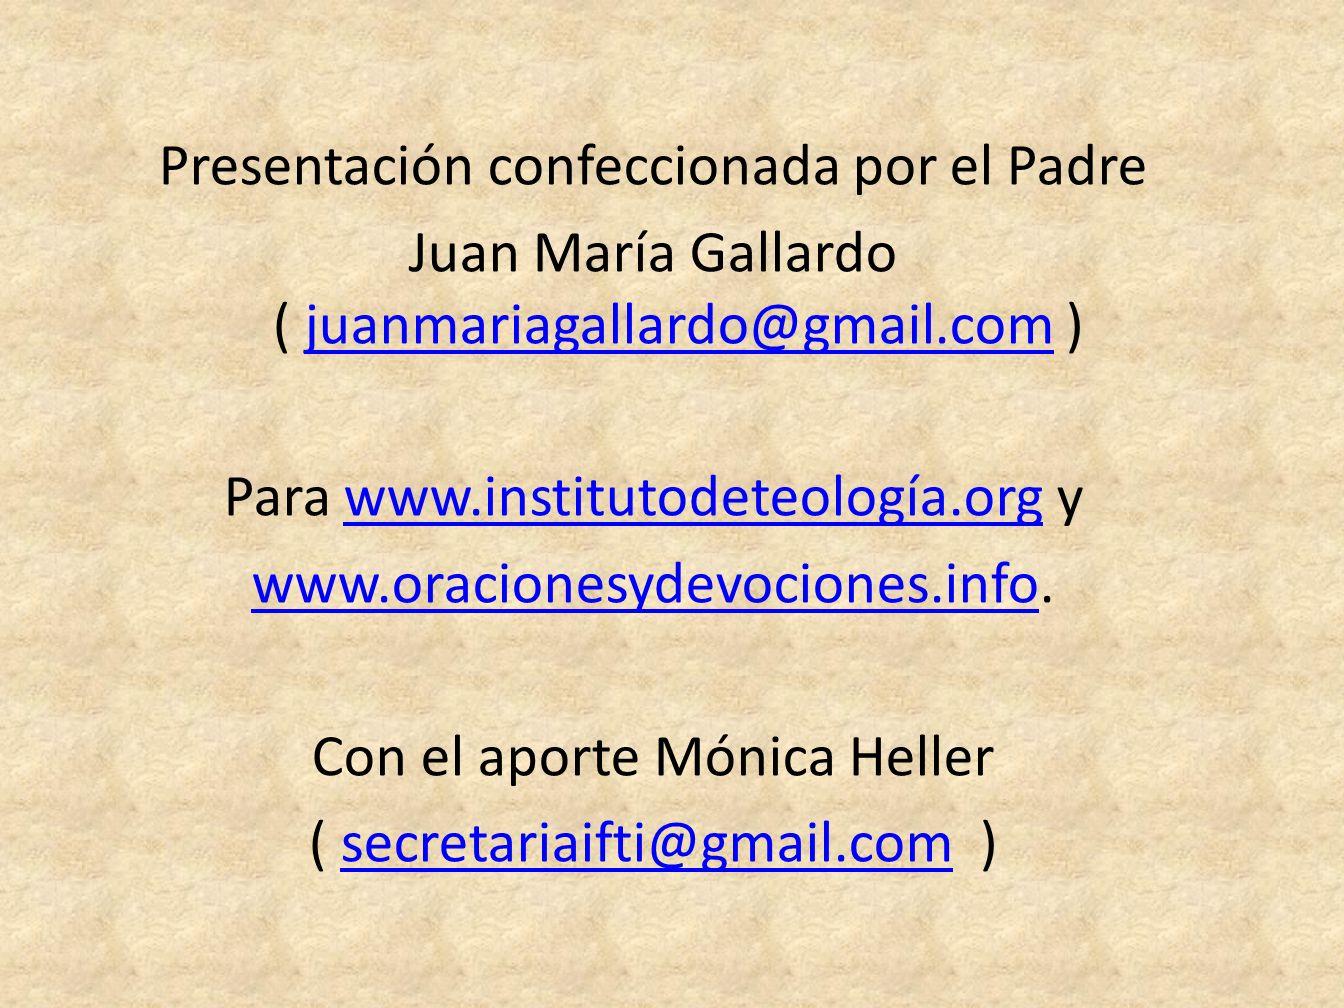 Presentación confeccionada por el Padre Juan María Gallardo ( juanmariagallardo@gmail.com )juanmariagallardo@gmail.com Para www.institutodeteología.org ywww.institutodeteología.org www.oracionesydevociones.infowww.oracionesydevociones.info.